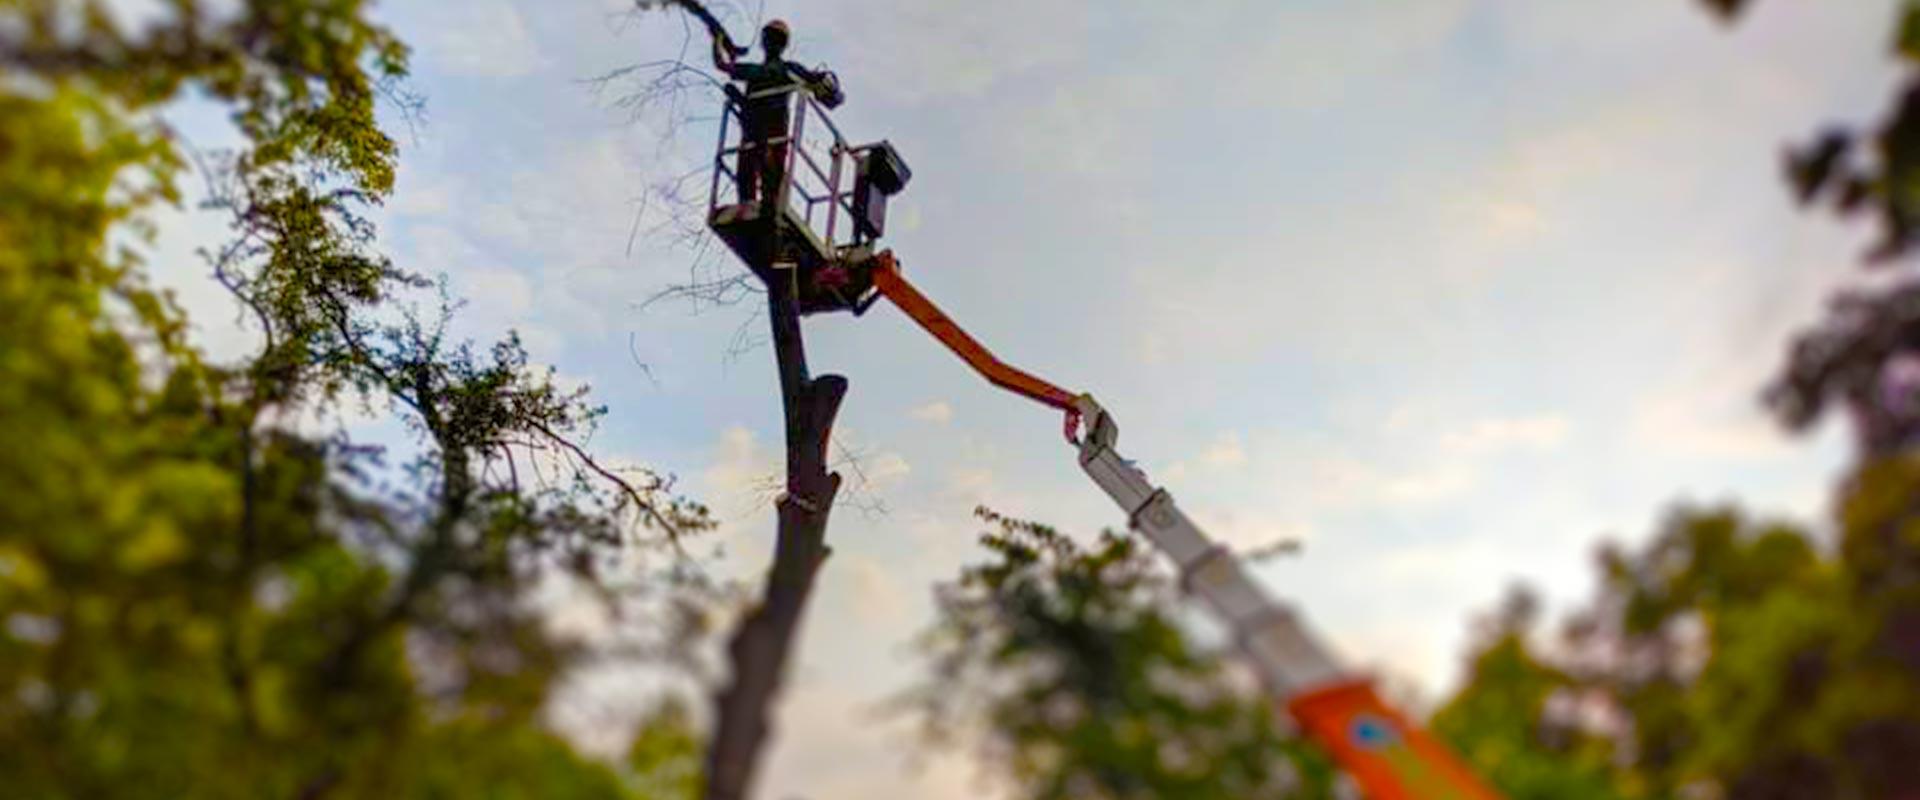 Unsere Woche   Baumfaellung